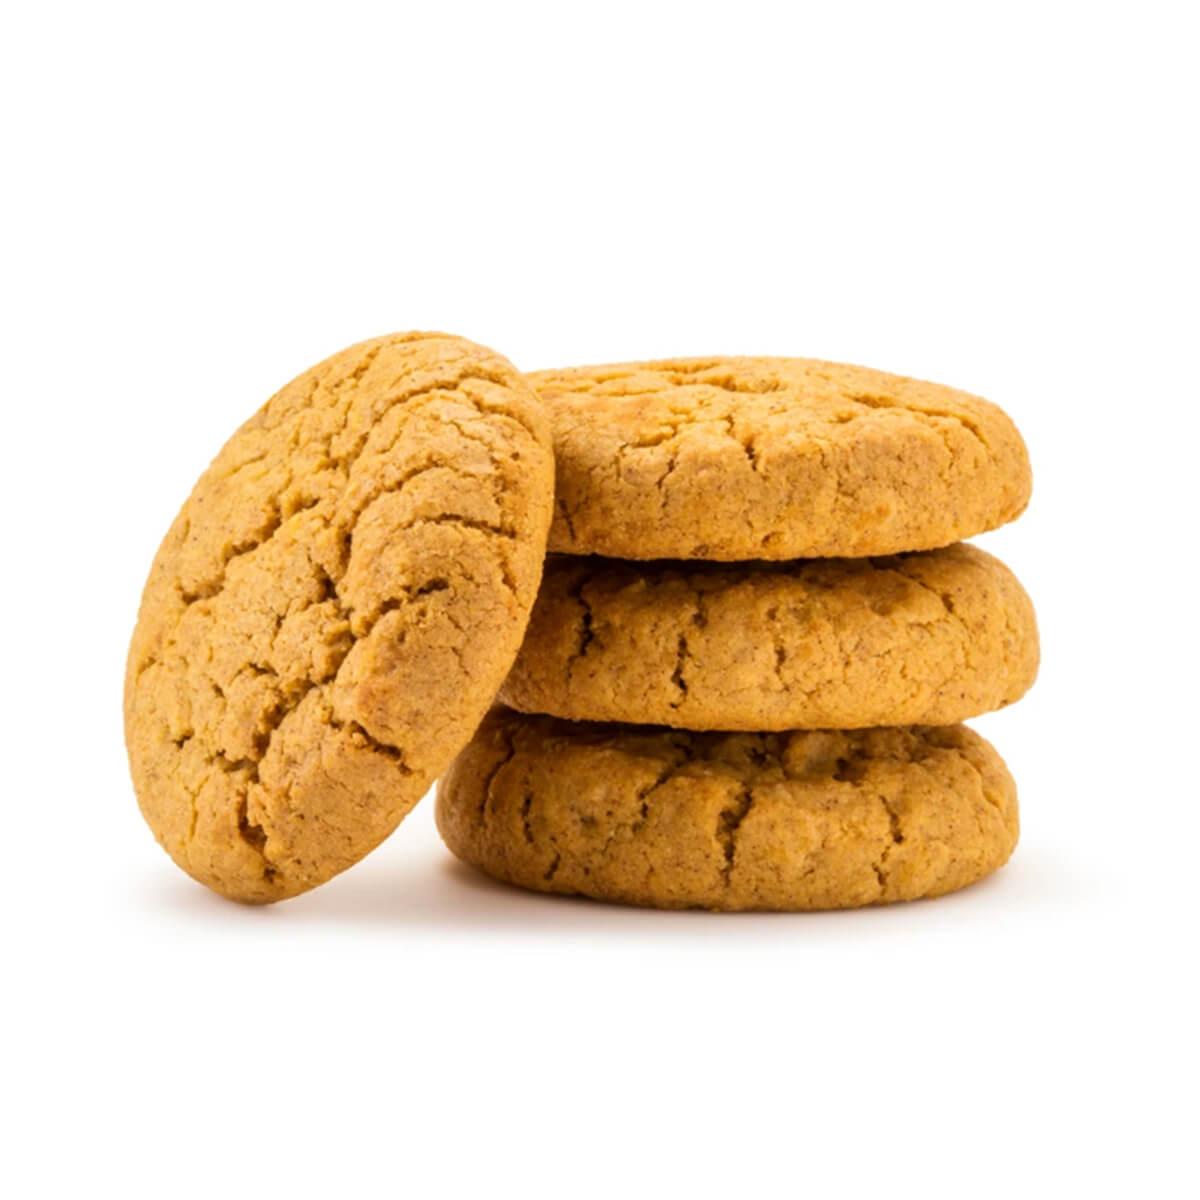 Partake Soft Baked Pumpkin Spice Cookies - cookies